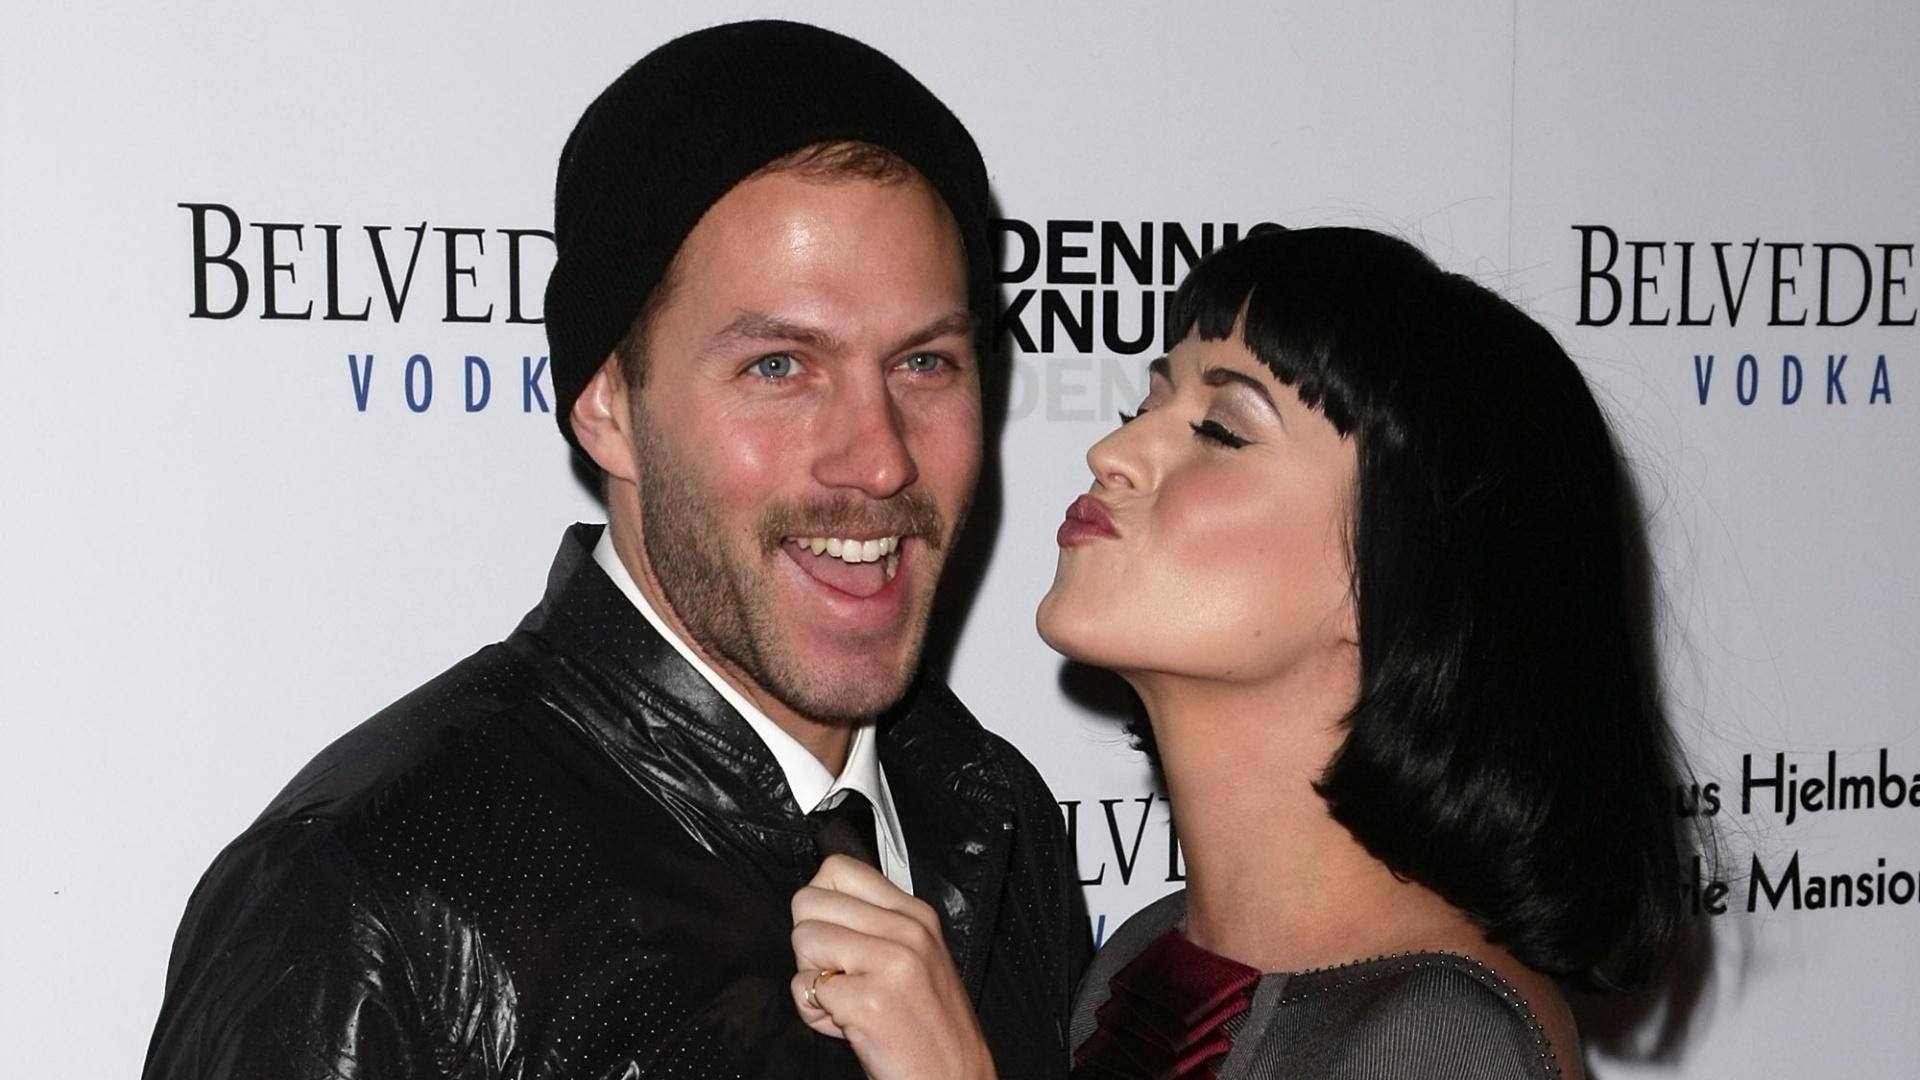 Estilista gay de Katy Perry revelou que foi paquerado pela cantora, que não sabia de sua orientação sexual